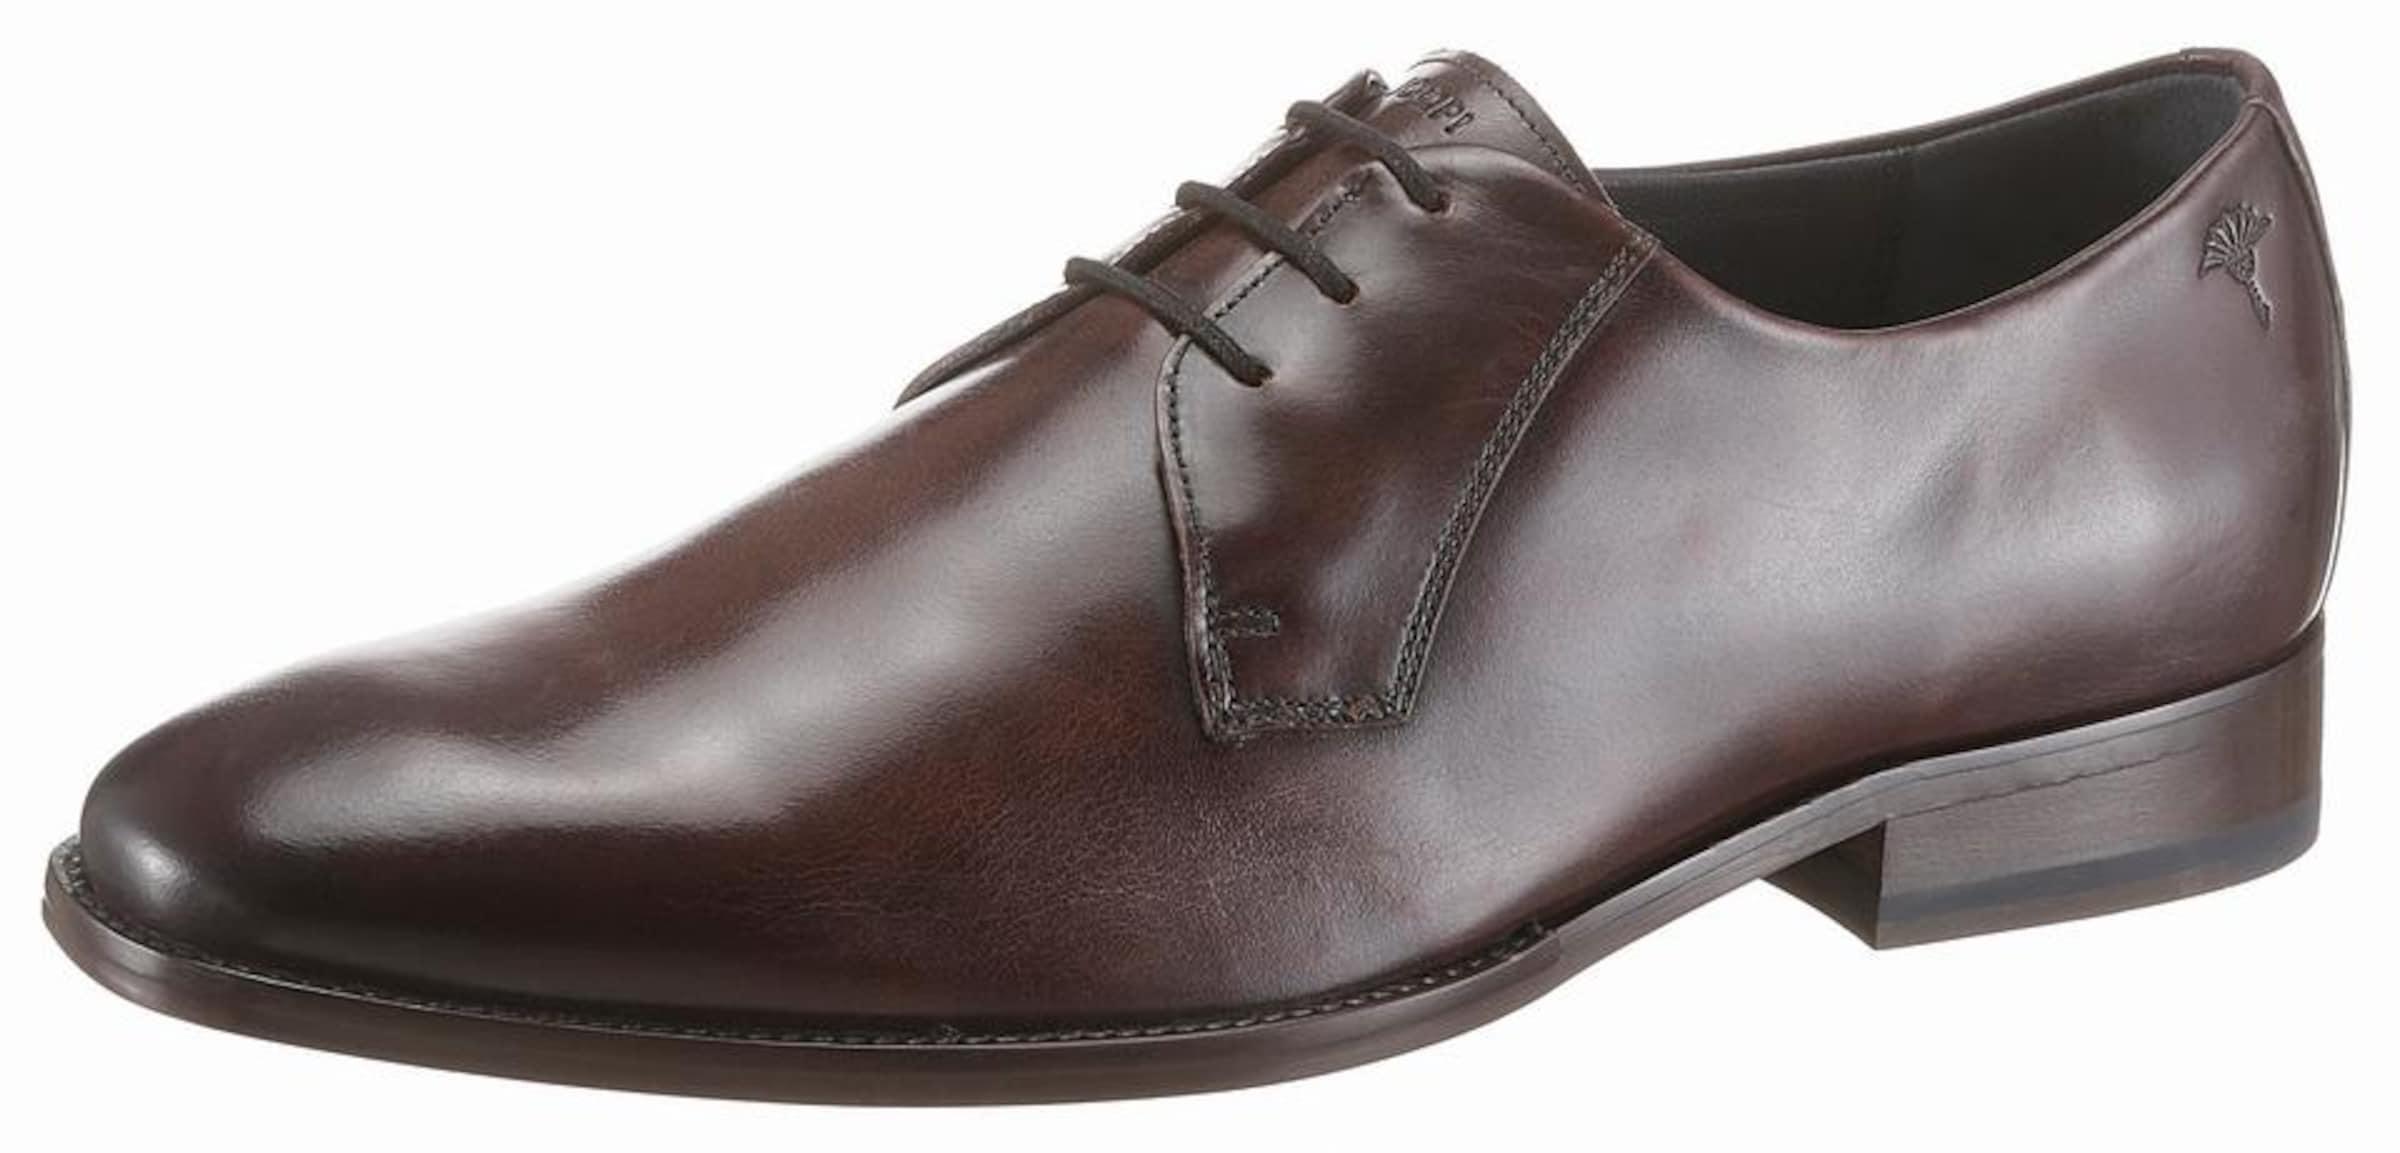 JOOP! Schnürschuh Günstige und langlebige Schuhe